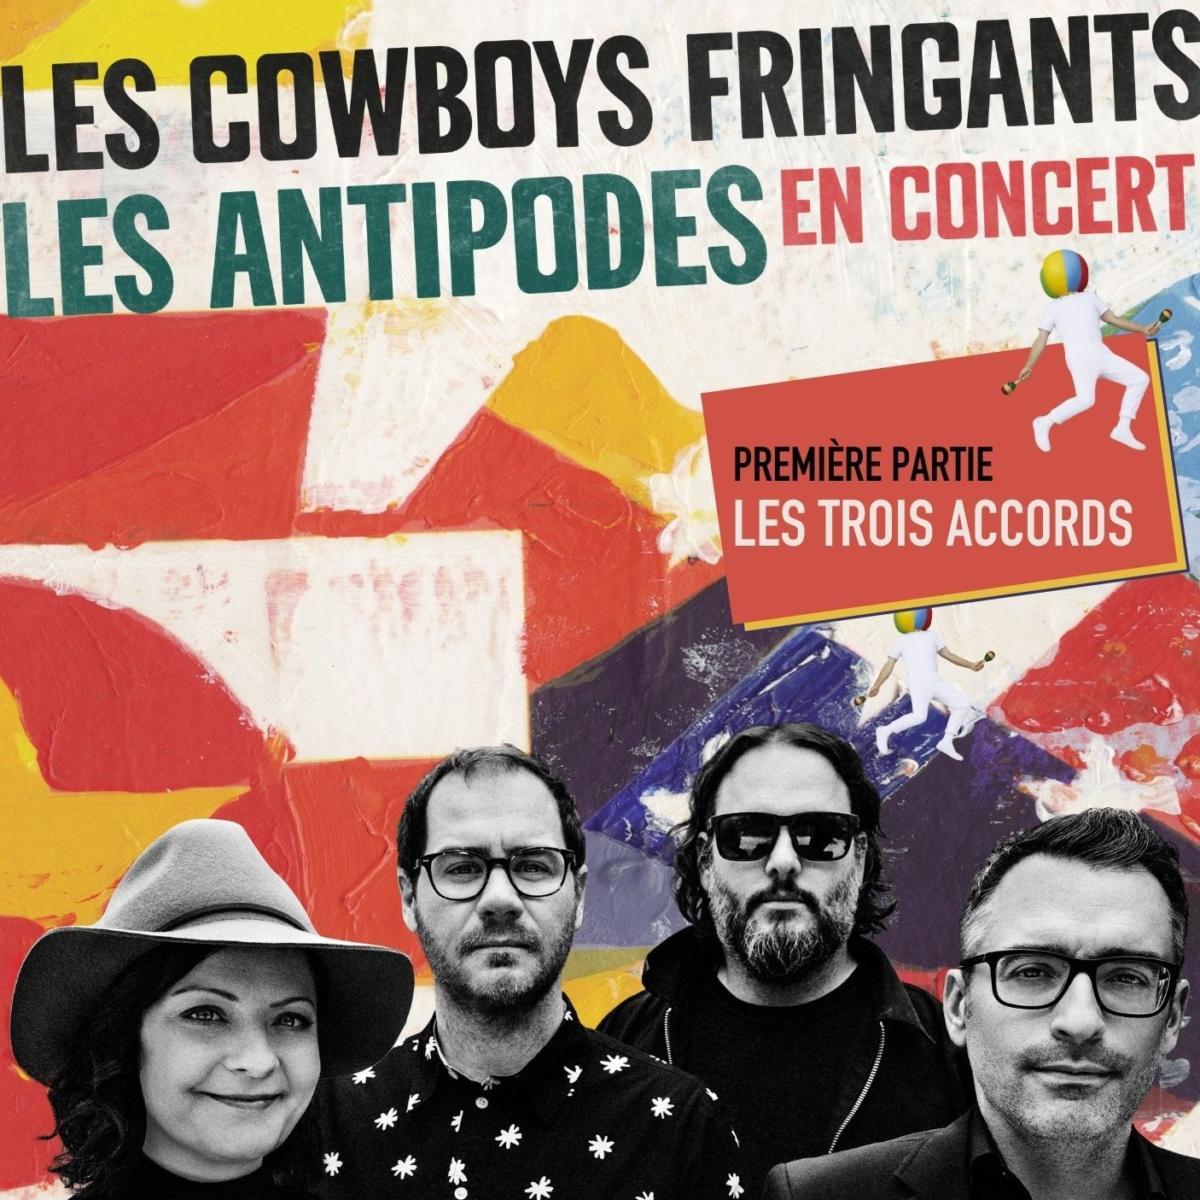 Les Cowboys Fringants avec les Trois Accords à Nantes.